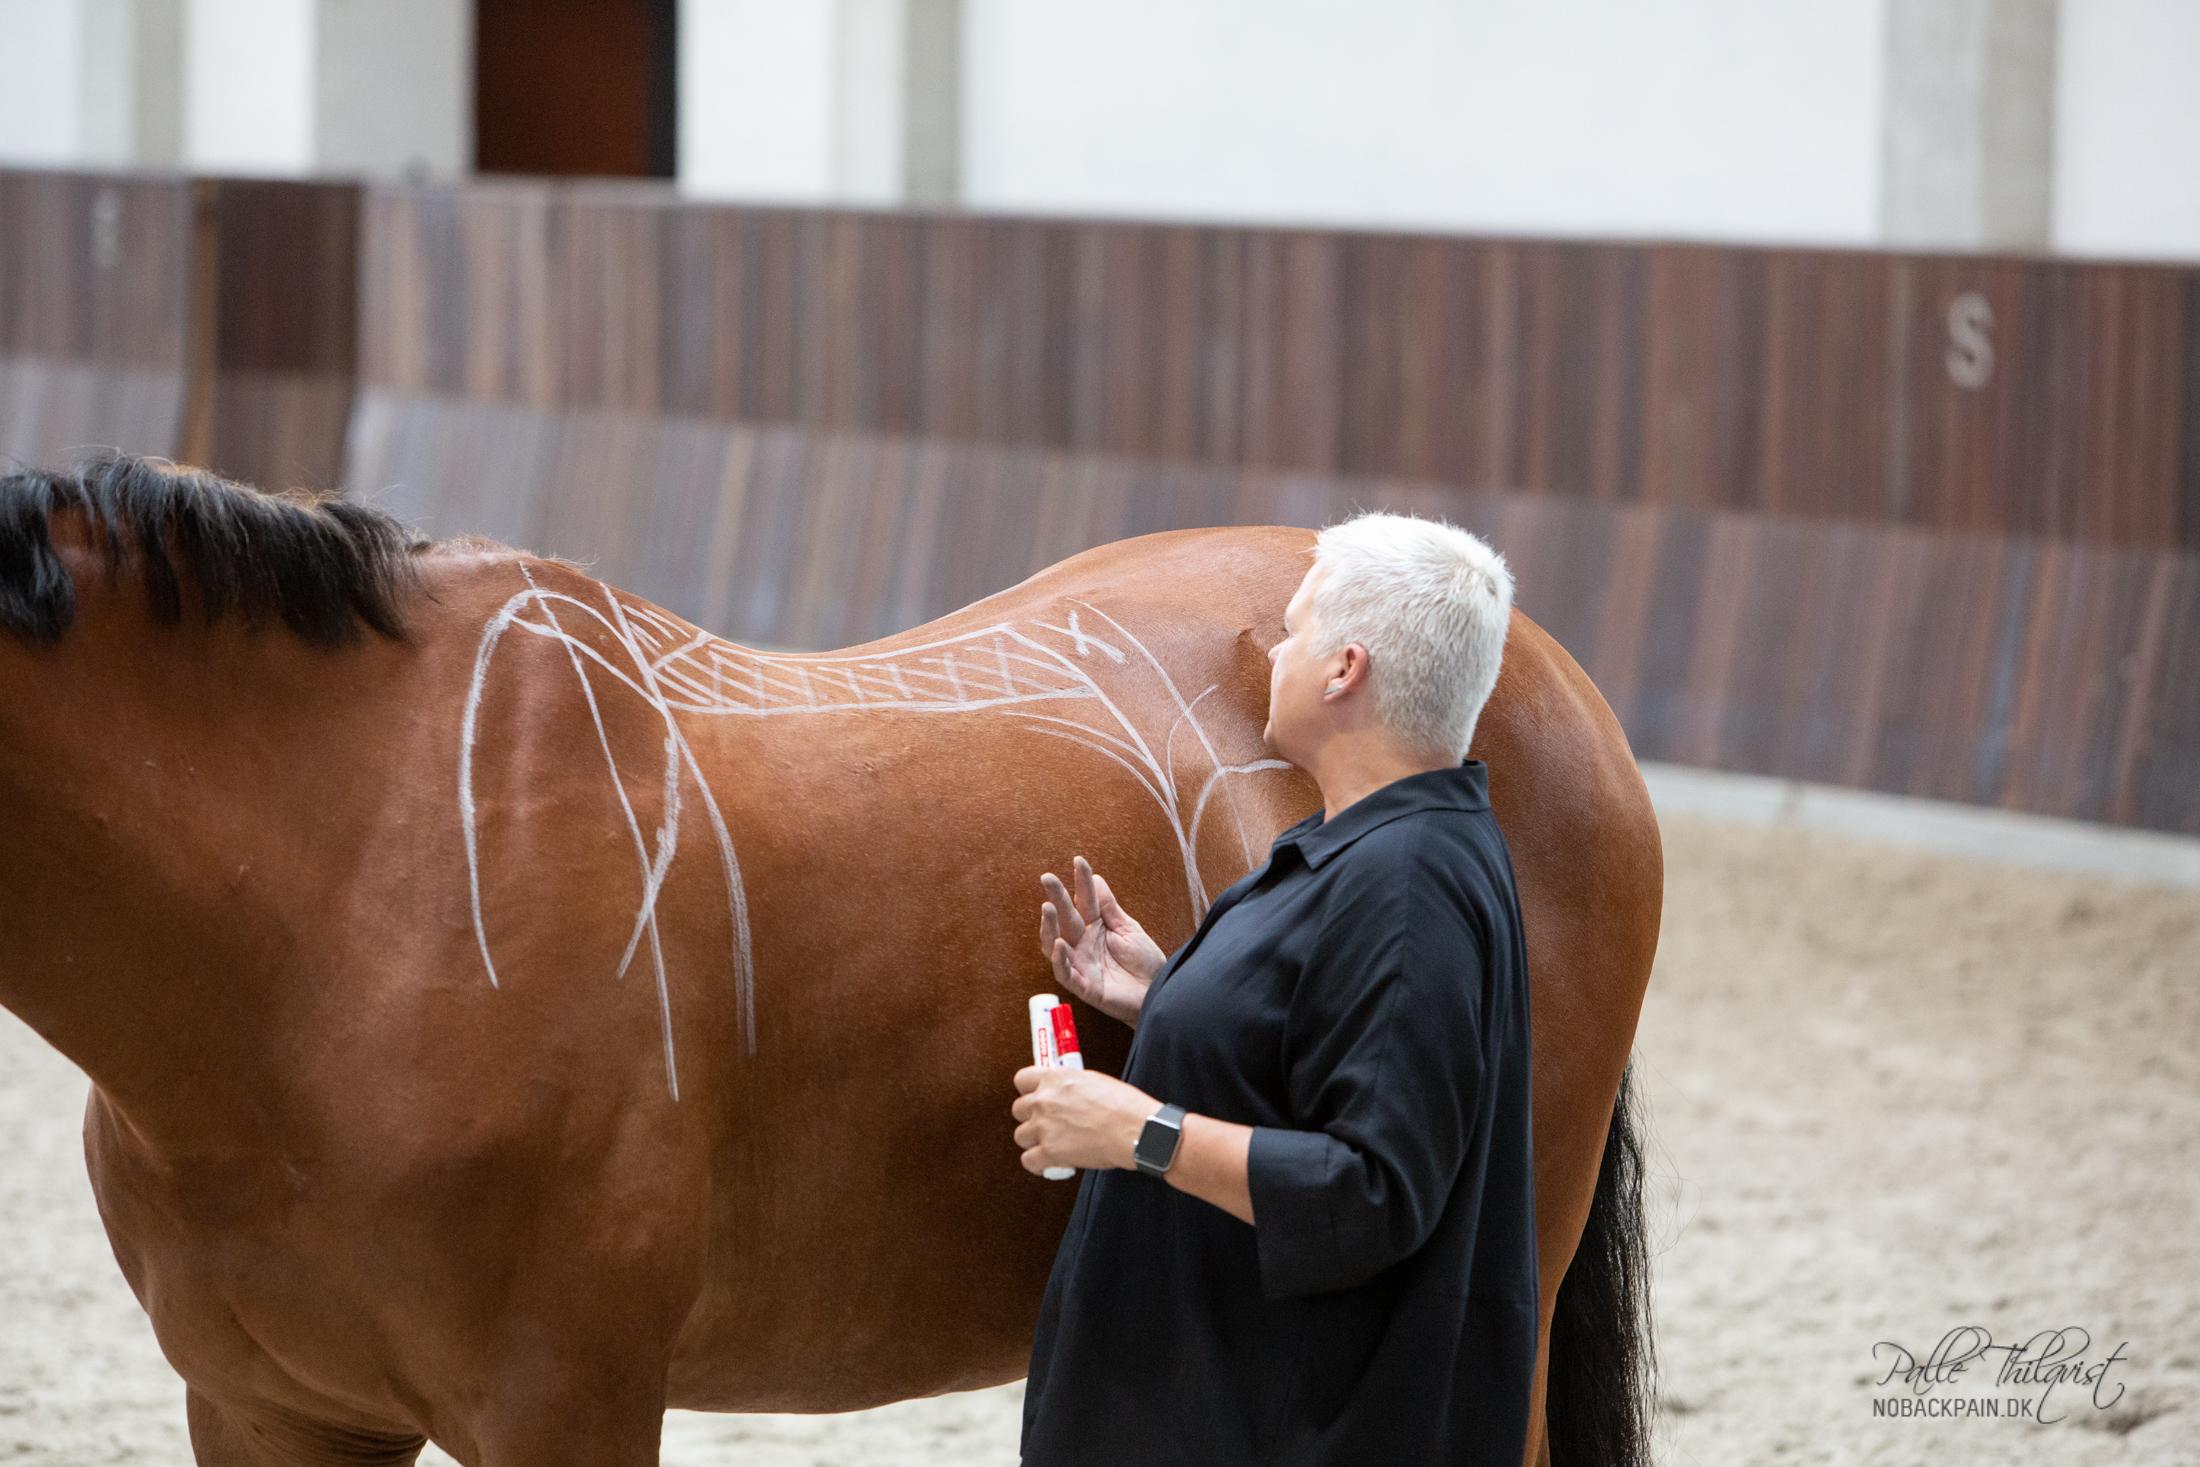 Her ses en skitse af hvor sadlen må hvile på hesten. Kriemhild Morgenroth med hesten Zircon.